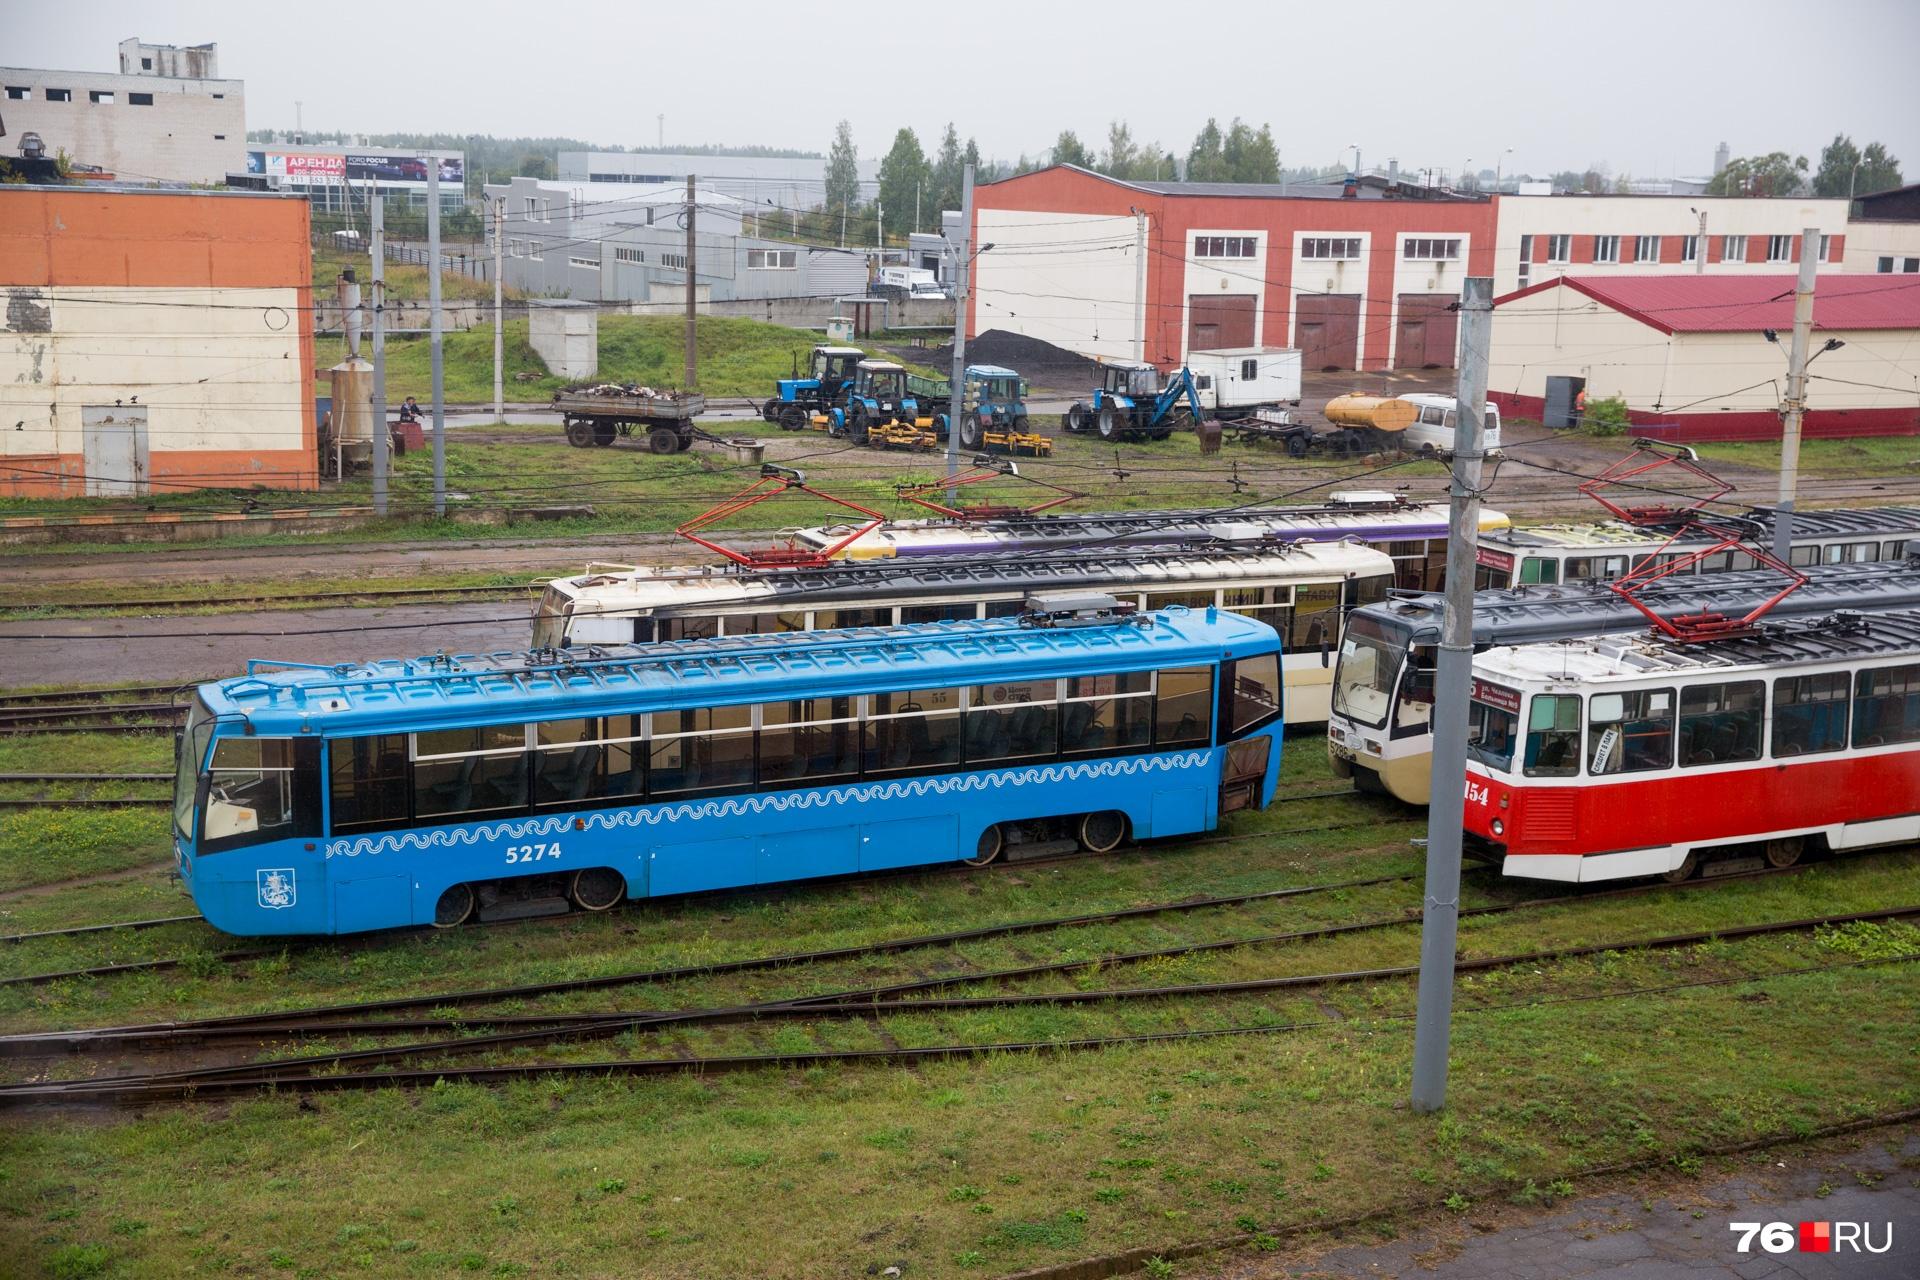 Сейчас московские трамваи простаивают в депо. Когда они начнут работать — неизвестно